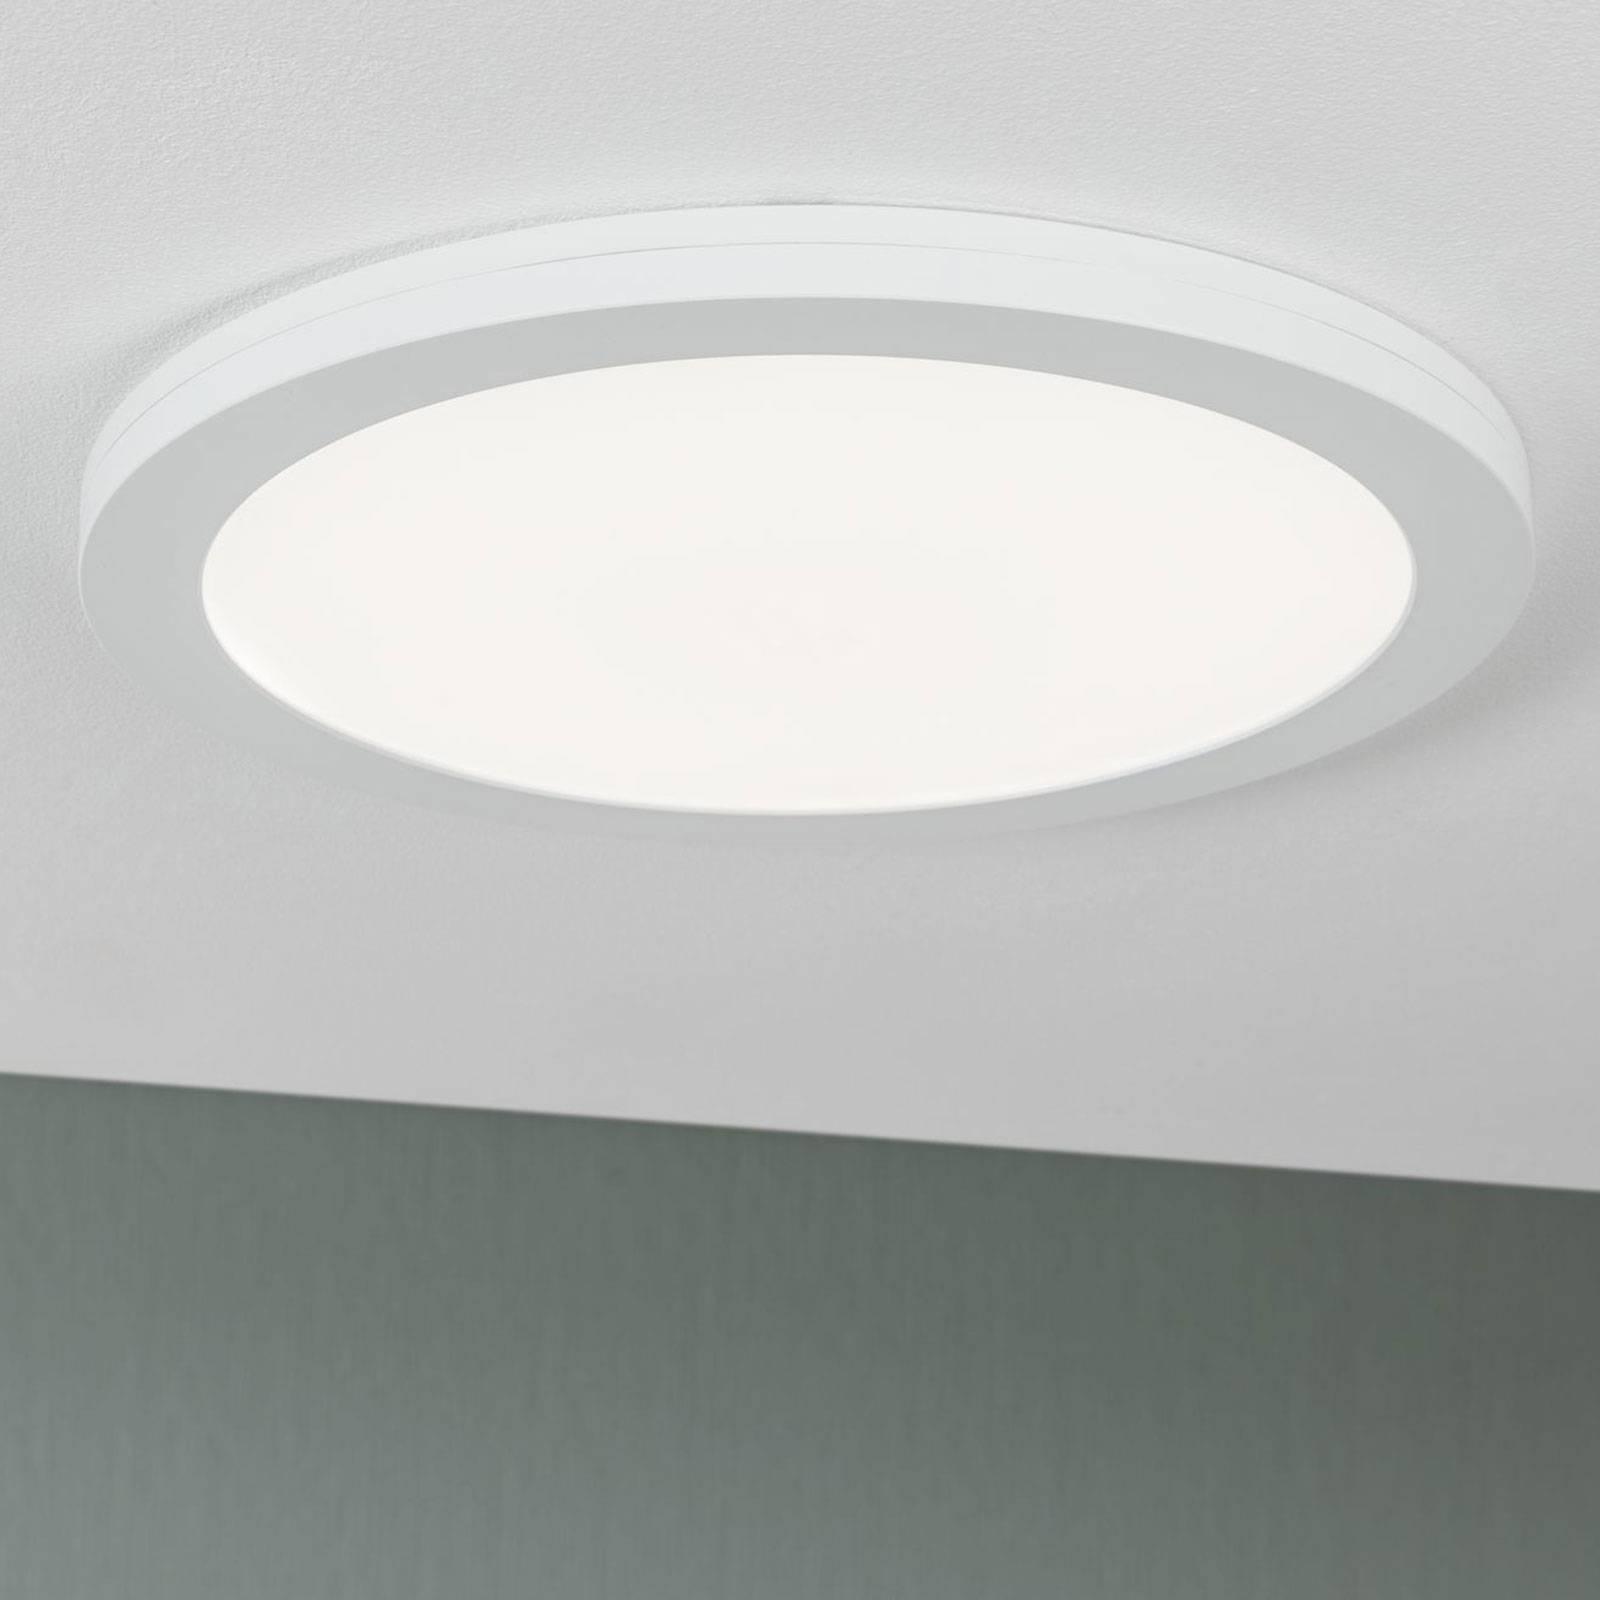 Paulmann Cover it pannello LED 4.000 K 33 cm